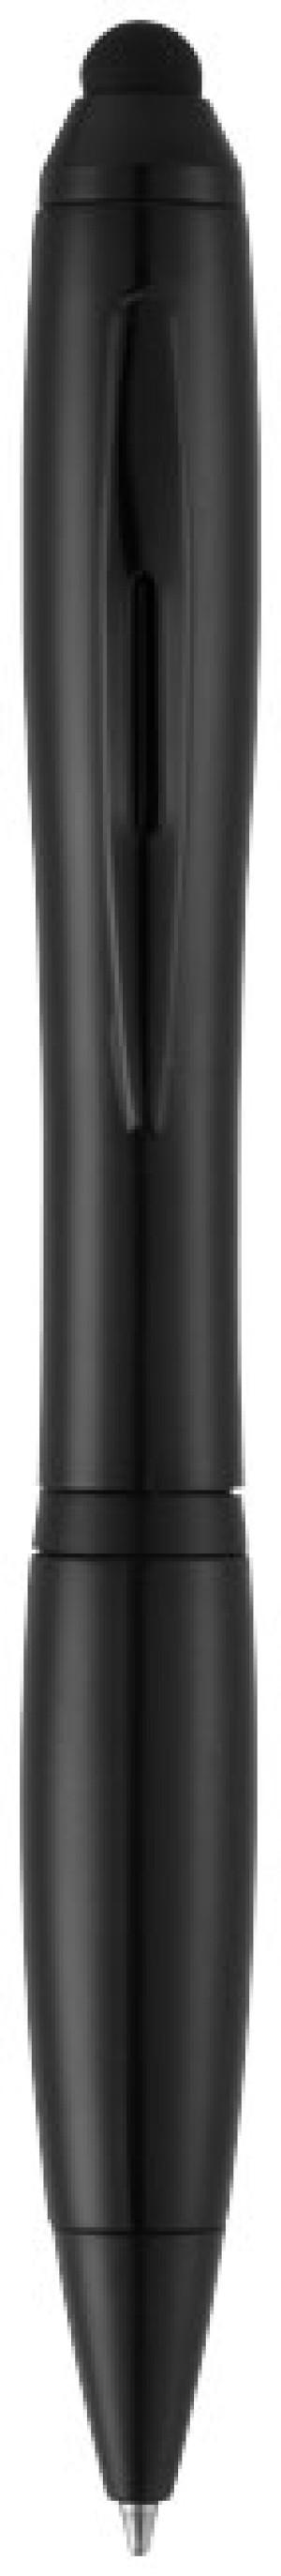 obrazok Guľôčkové pero a stylus Nash - Reklamnepredmety